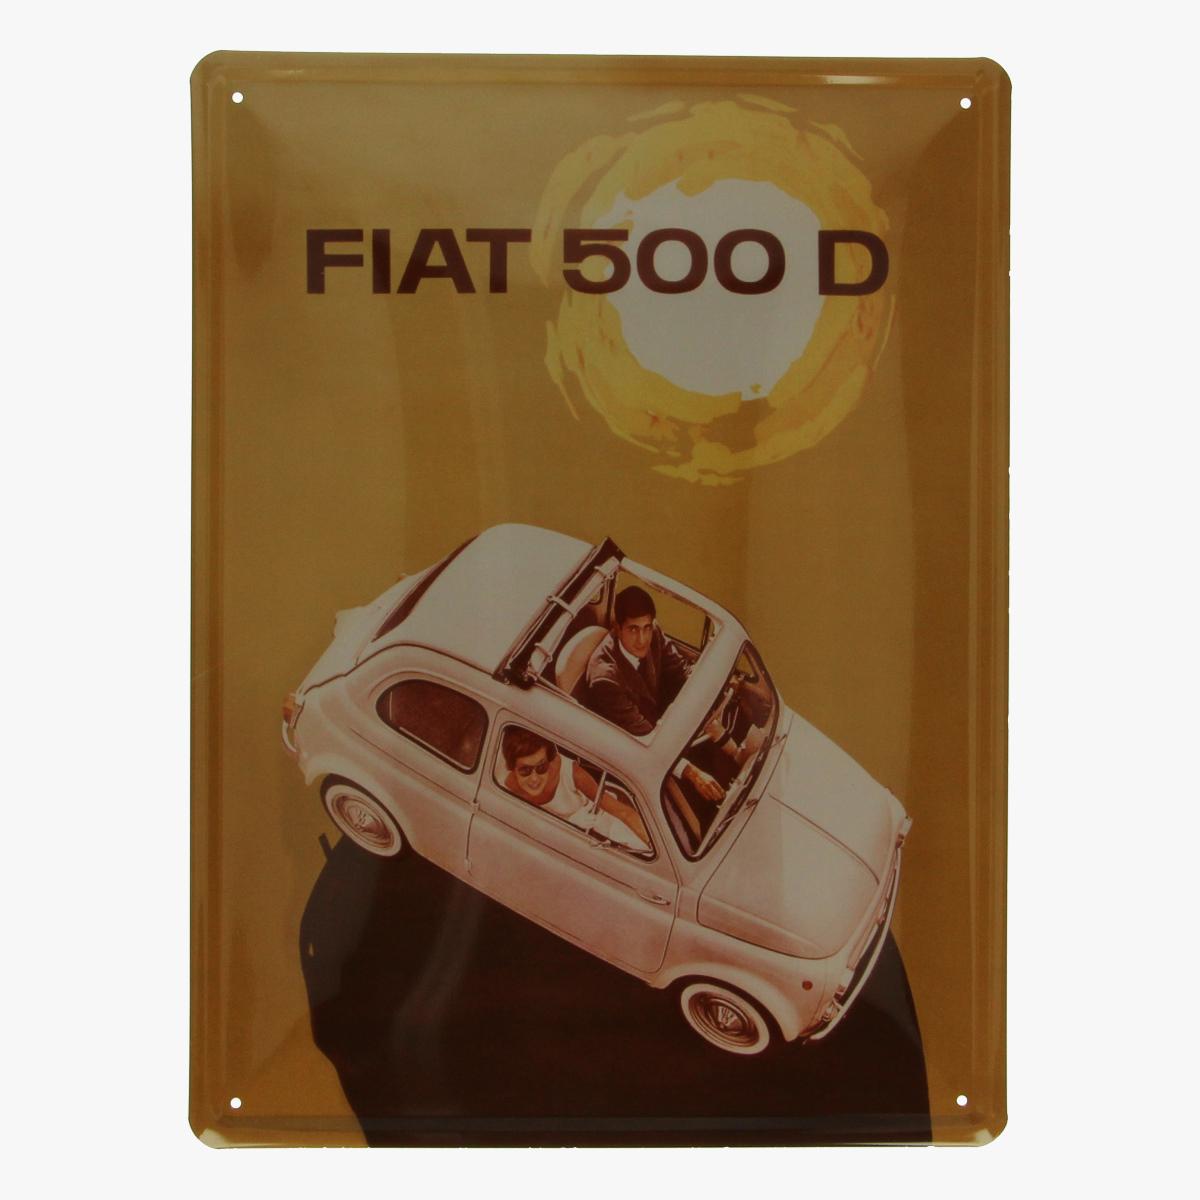 Afbeeldingen van blikken bordje fiat 500 D repro